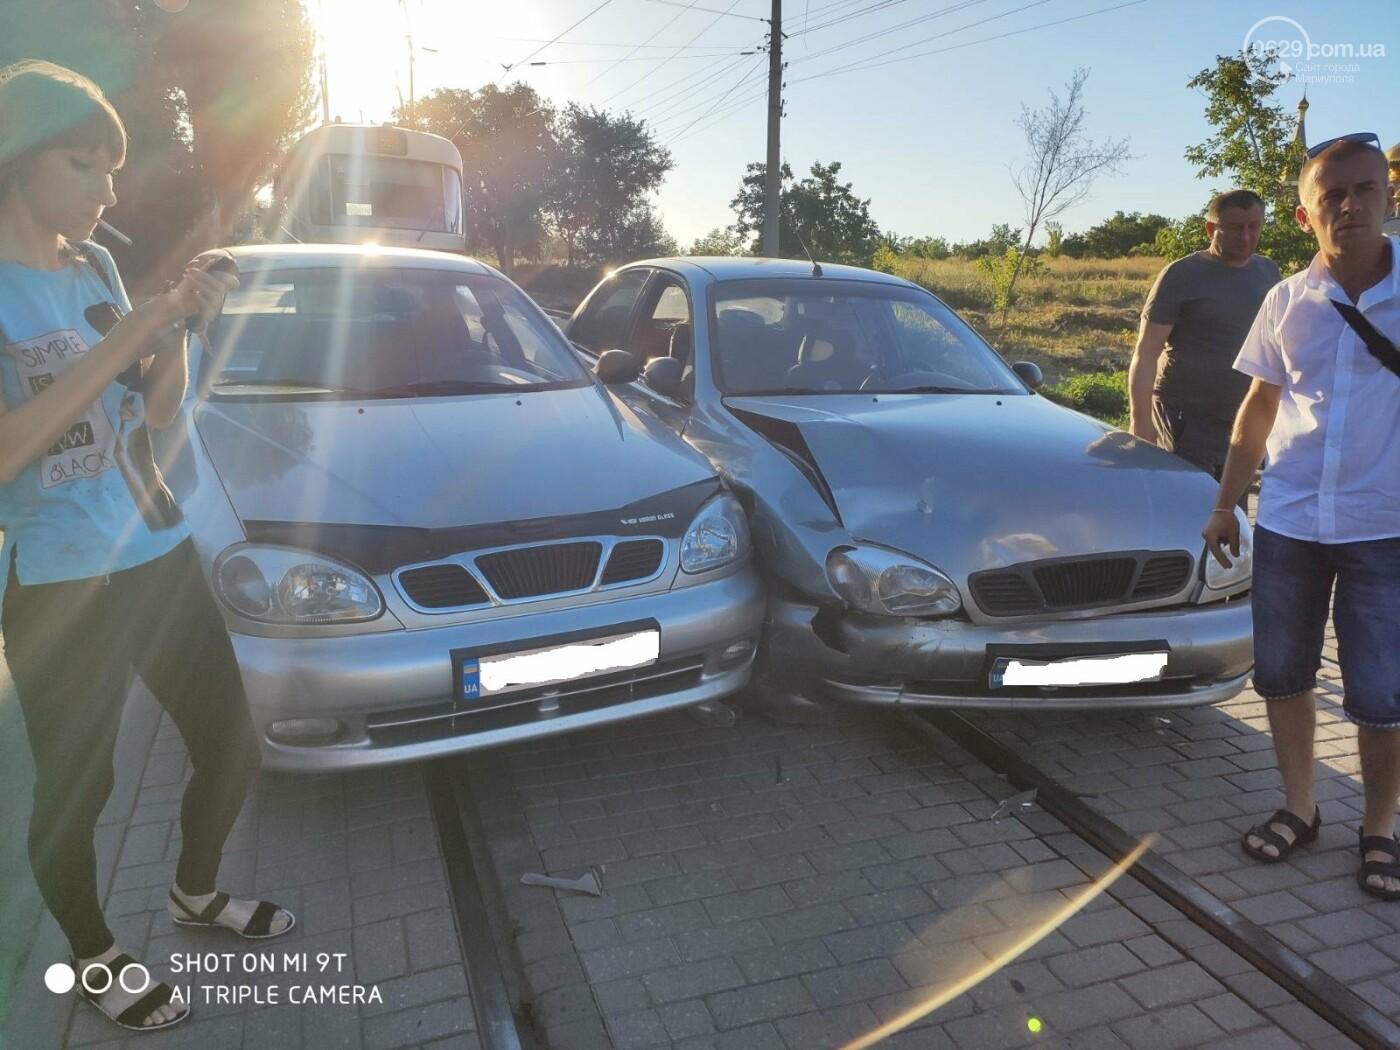 В Мариуполе два Daewoo столкнулись на трамвайных рельсах, - ФОТО, фото-4